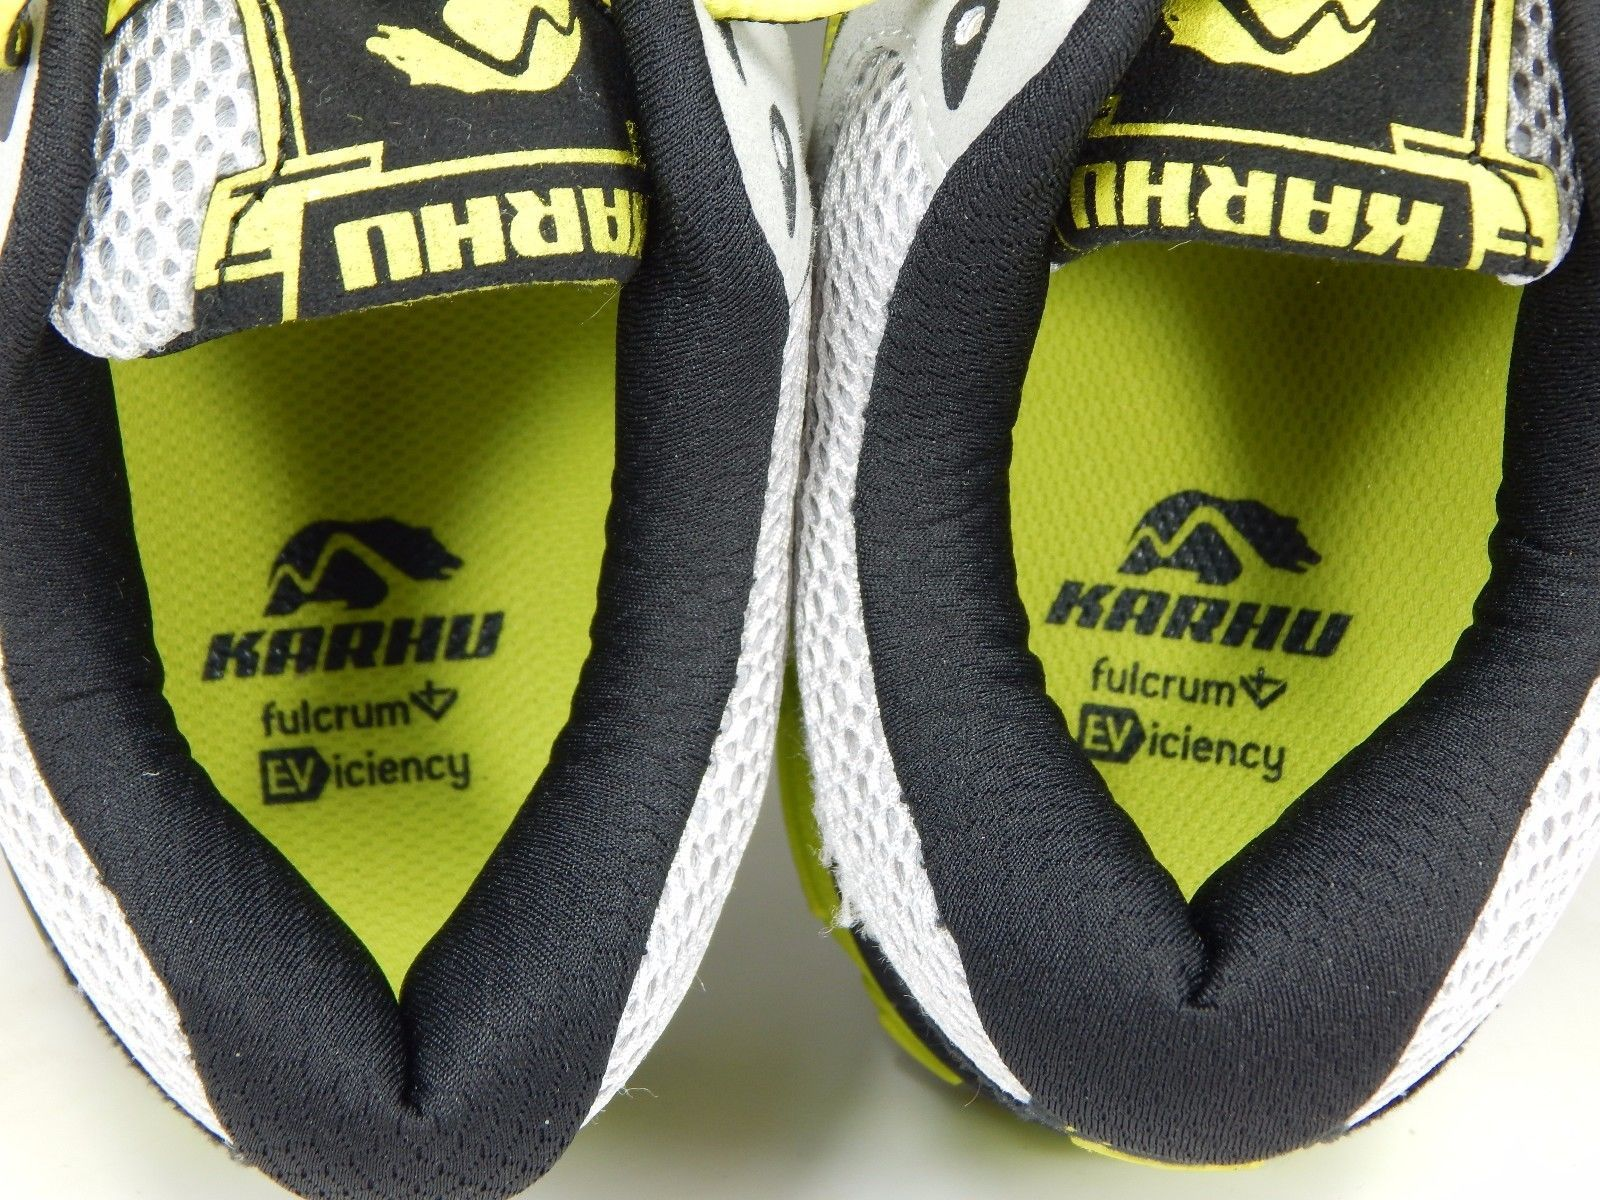 MISMATCH Karhu Fast 5 Fulcrum Men's Shoes Left Size 9 M (D) & Right 10 M (D)